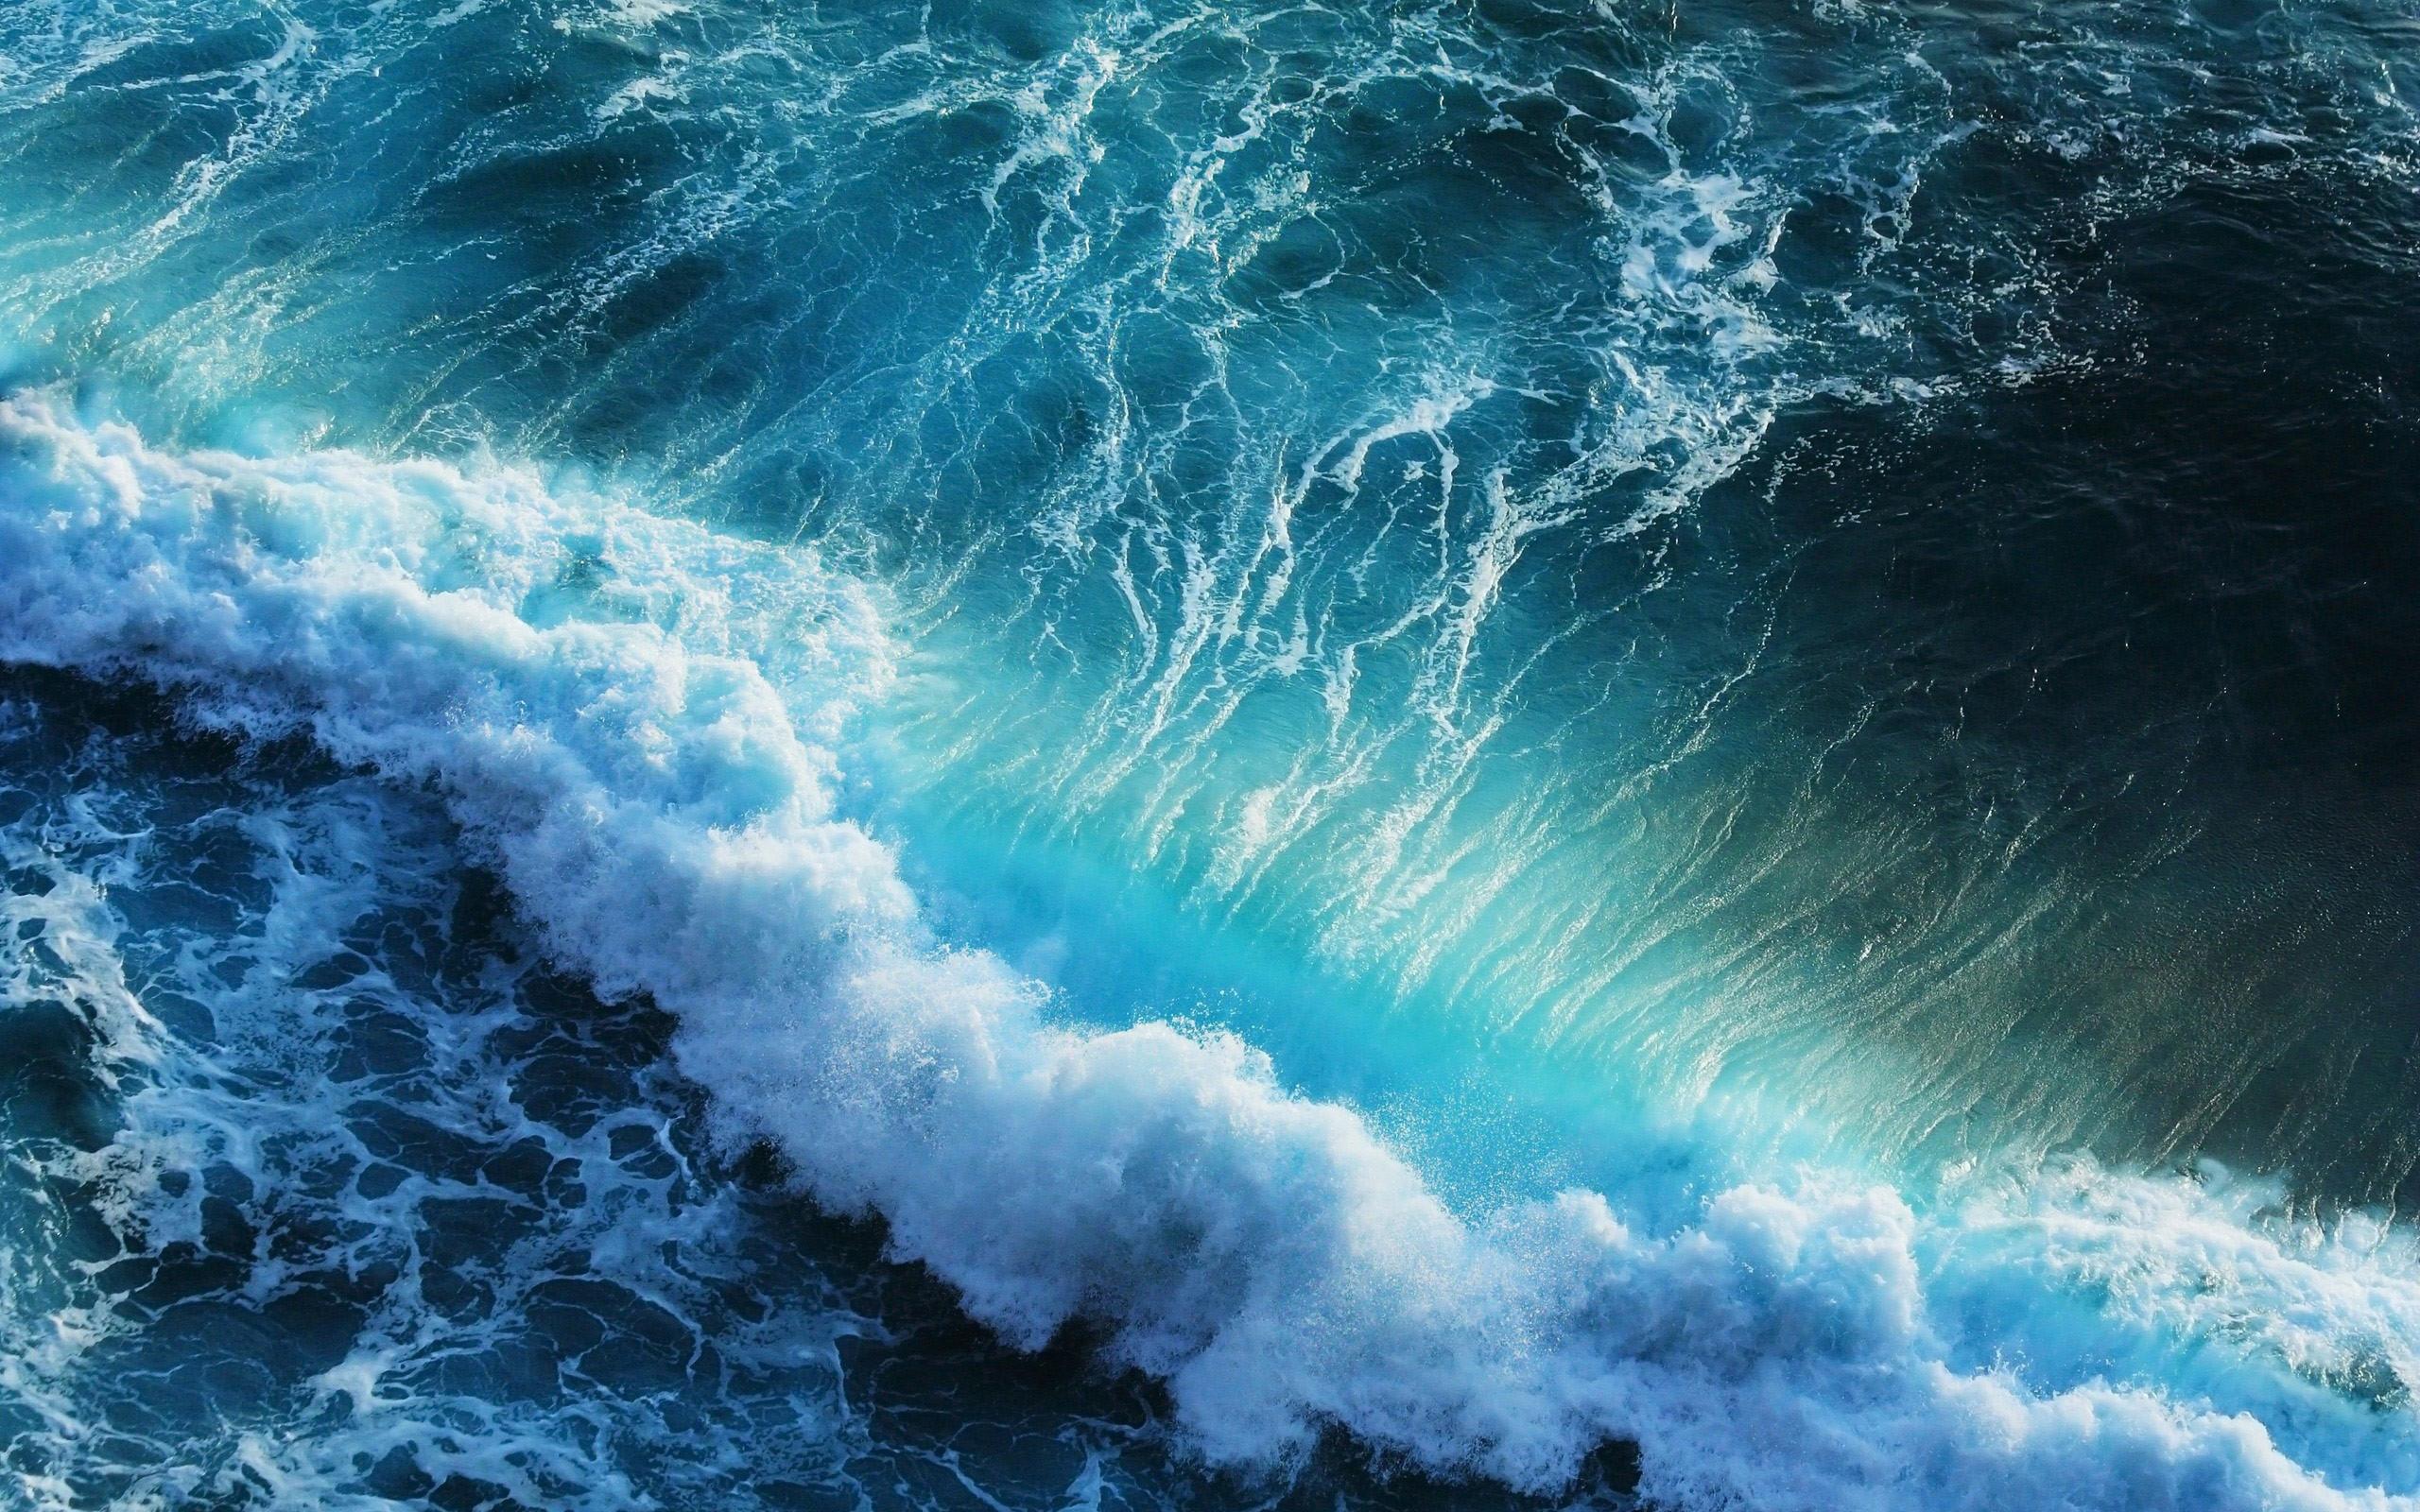 Res: 2560x1600, Blue Ocean Waves Splash Free Wallpaper HD Uploaded by DesktopWalls